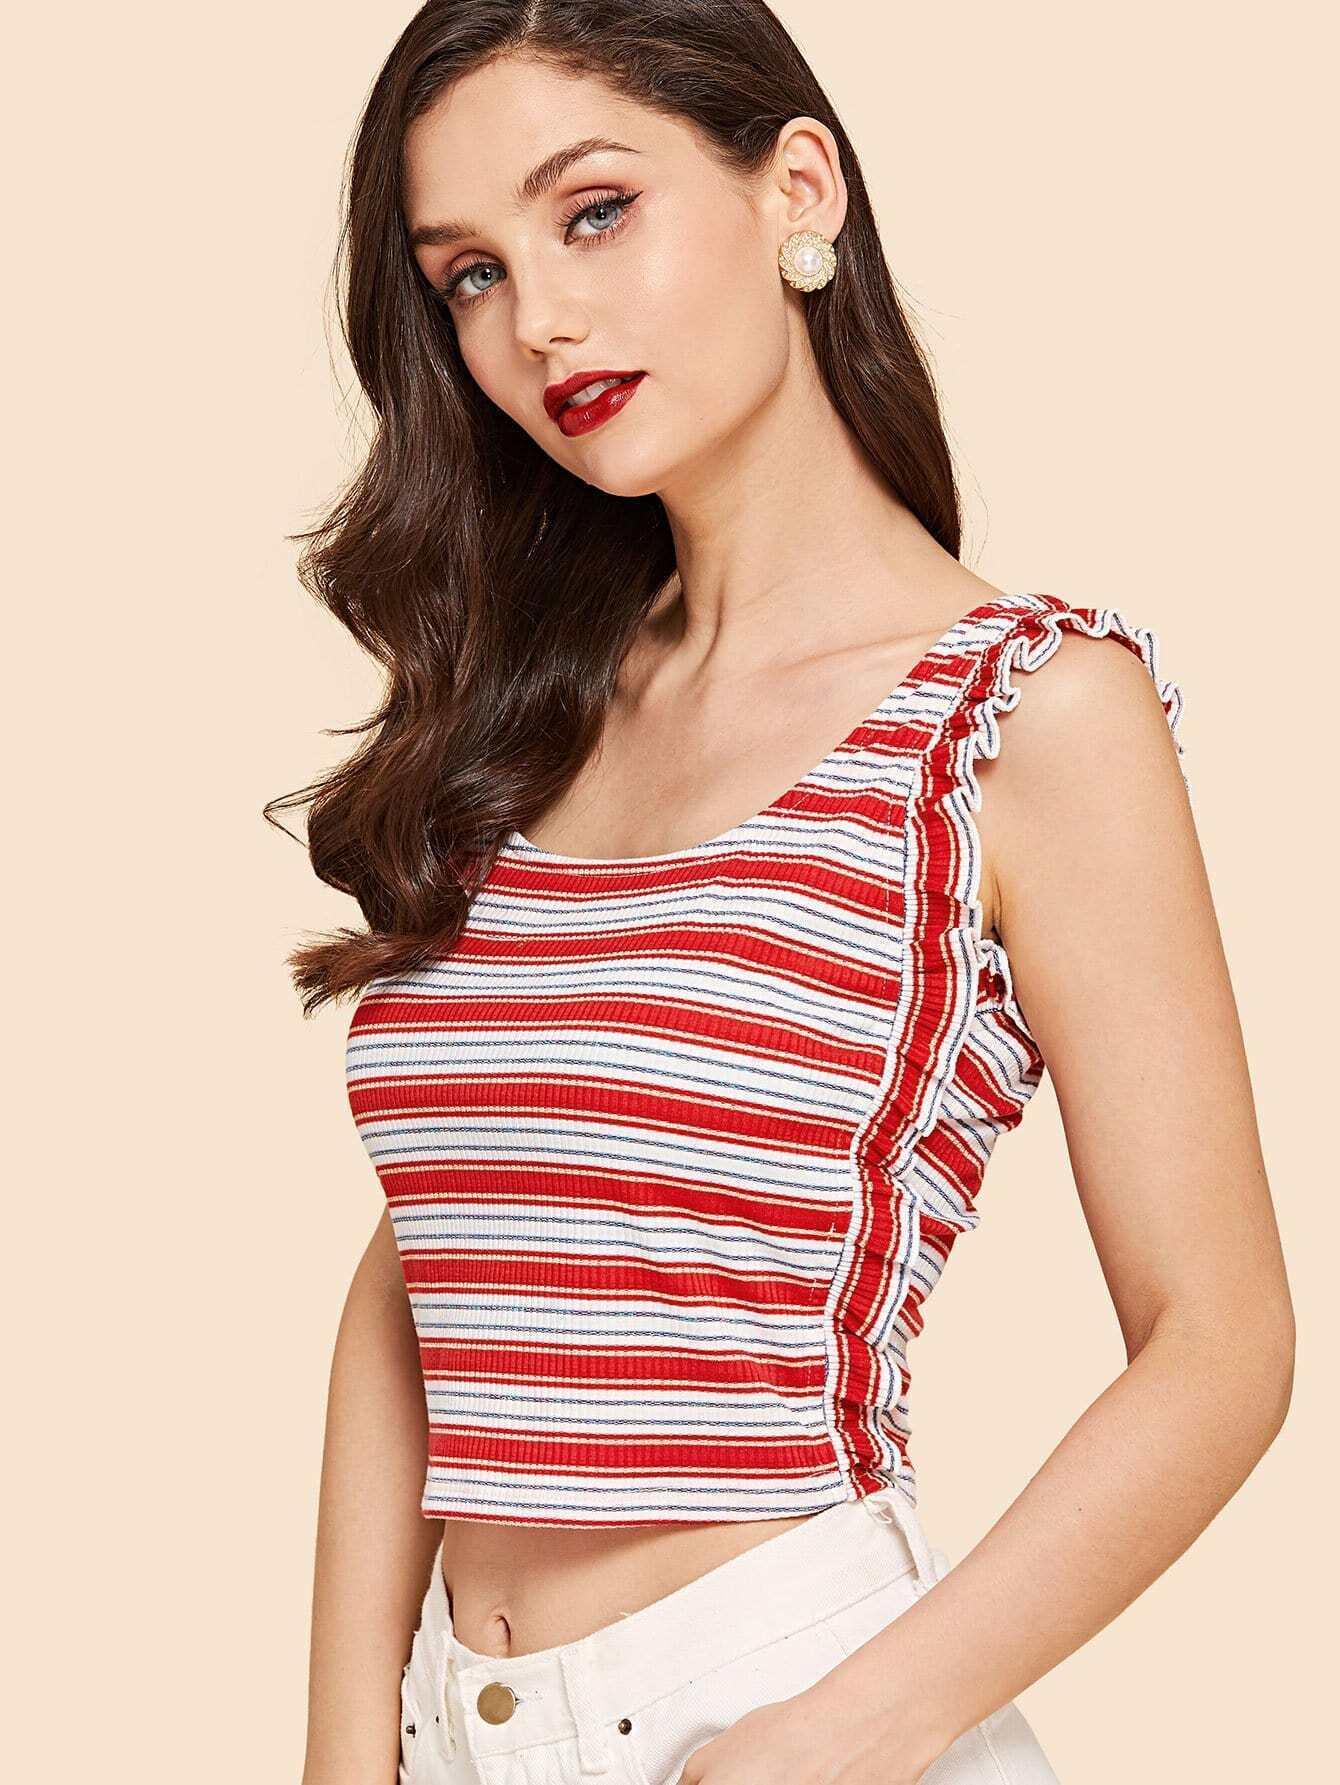 Frill Detail Rib Knit Striped Tank Top striped rib knit top